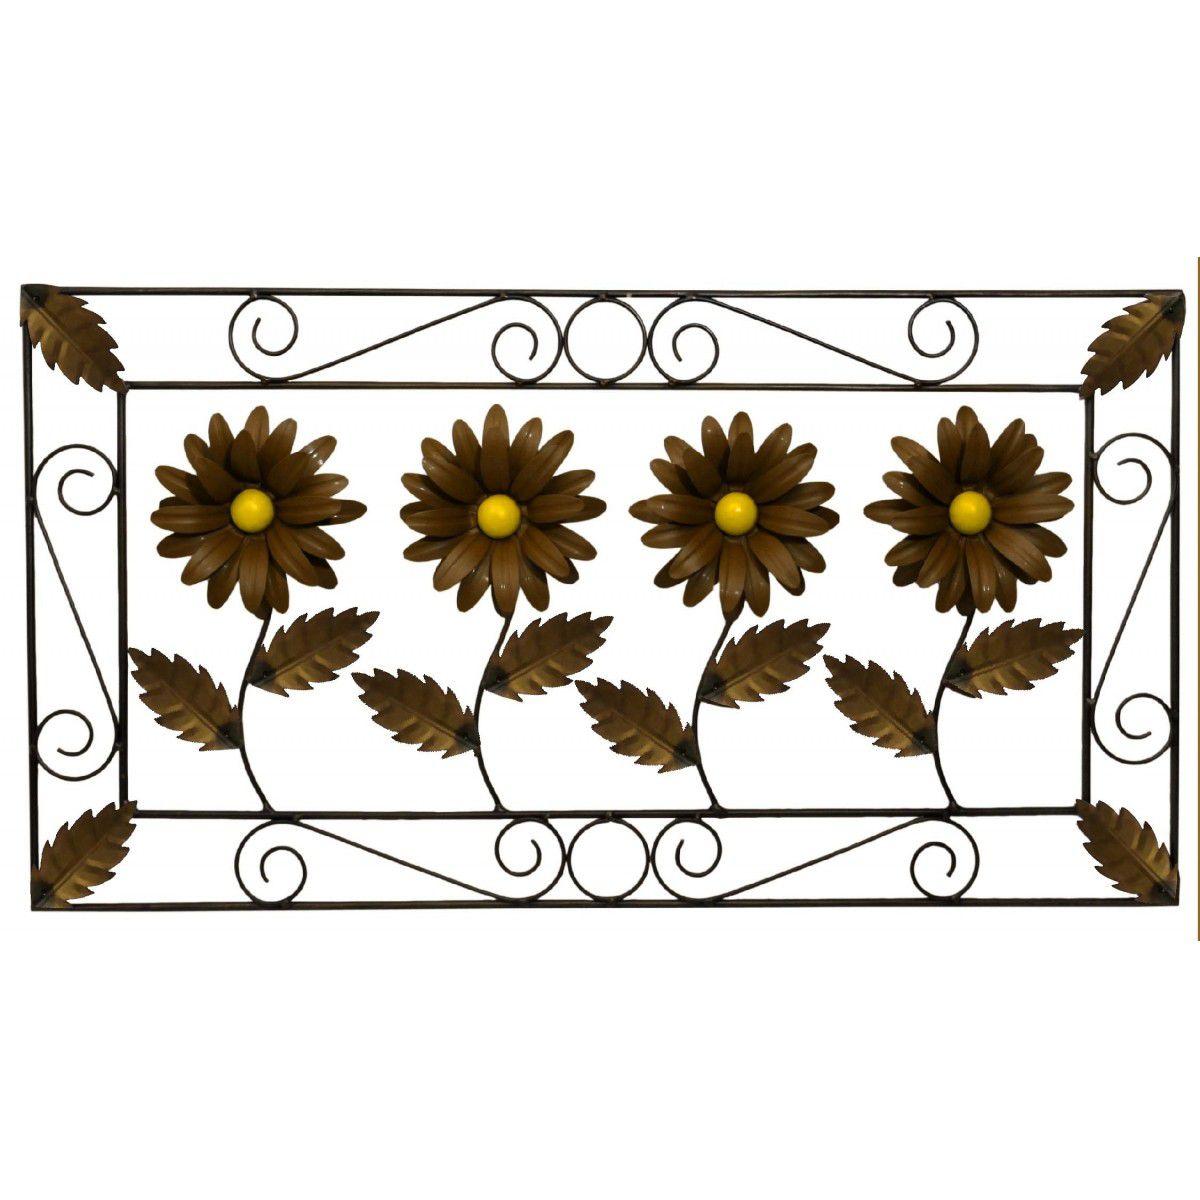 Quadro Rustico para Sala de Jantar em Ferro Artesanal com Flores